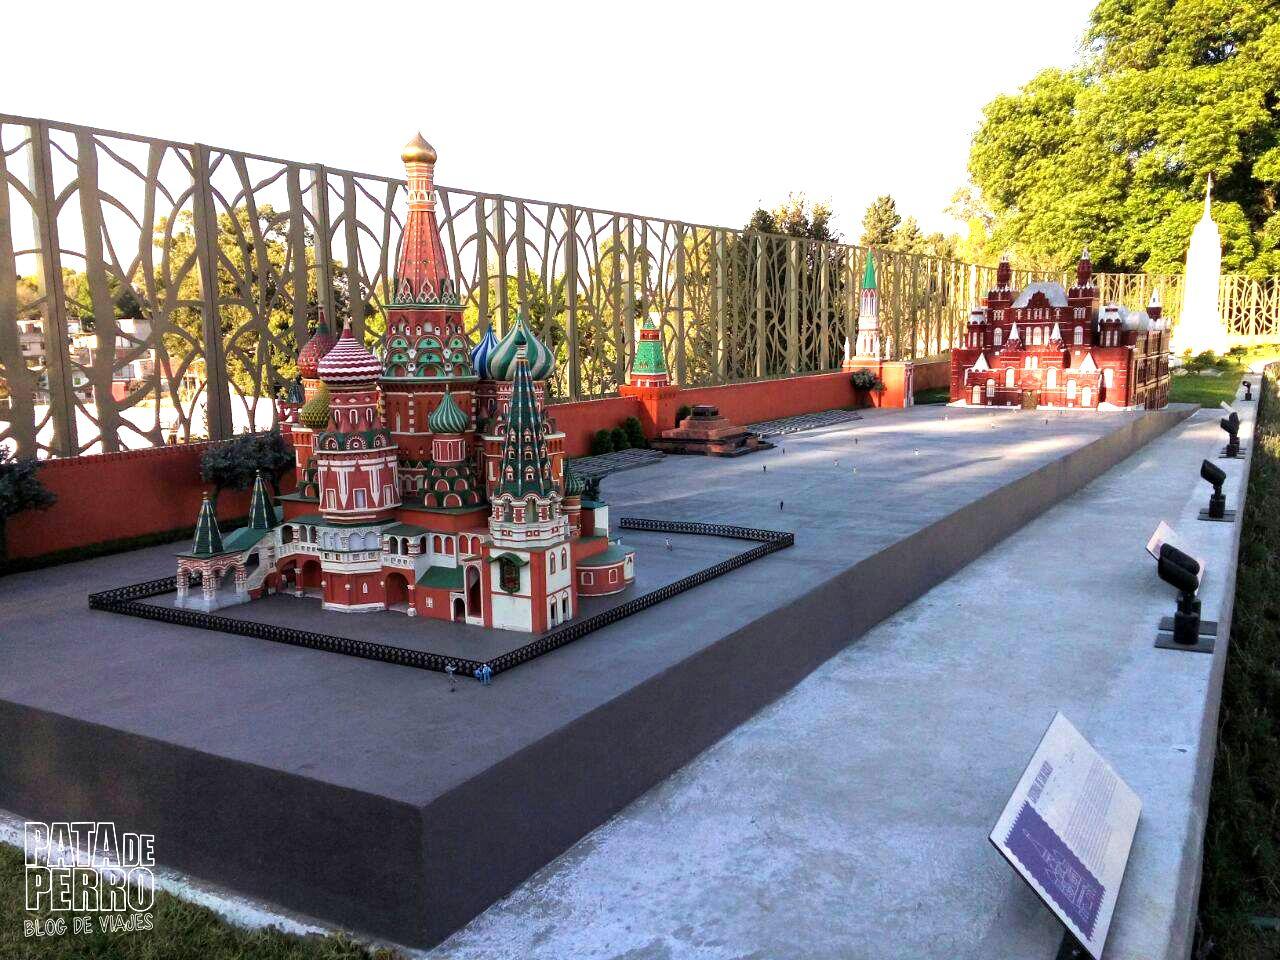 parque-paseo-de-los-gigantes-puebla-mexico-pata-de-perro-blog-de-viajes26